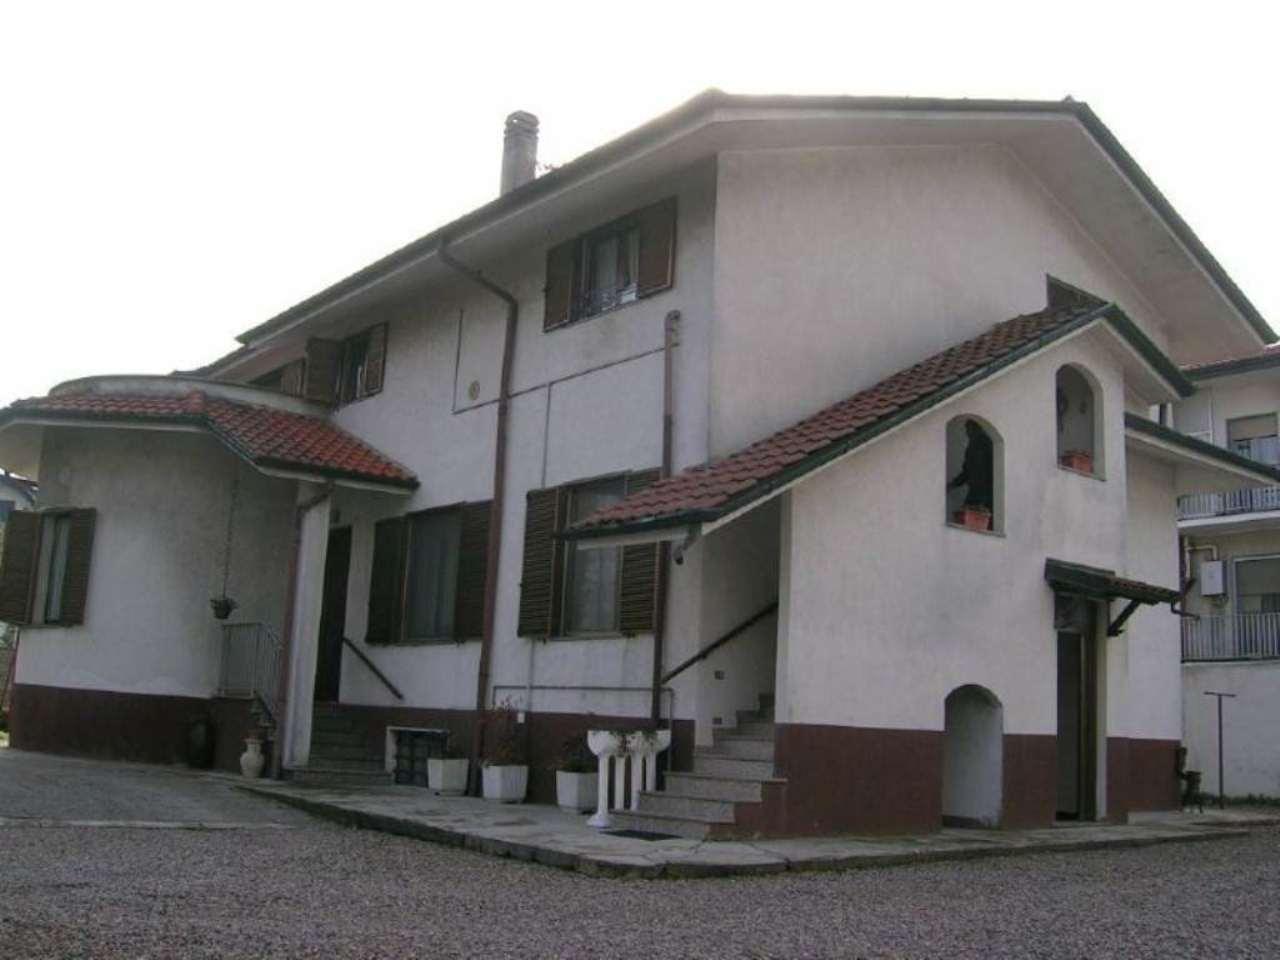 Soluzione Semindipendente in vendita a Arluno, 4 locali, prezzo € 207.000 | CambioCasa.it